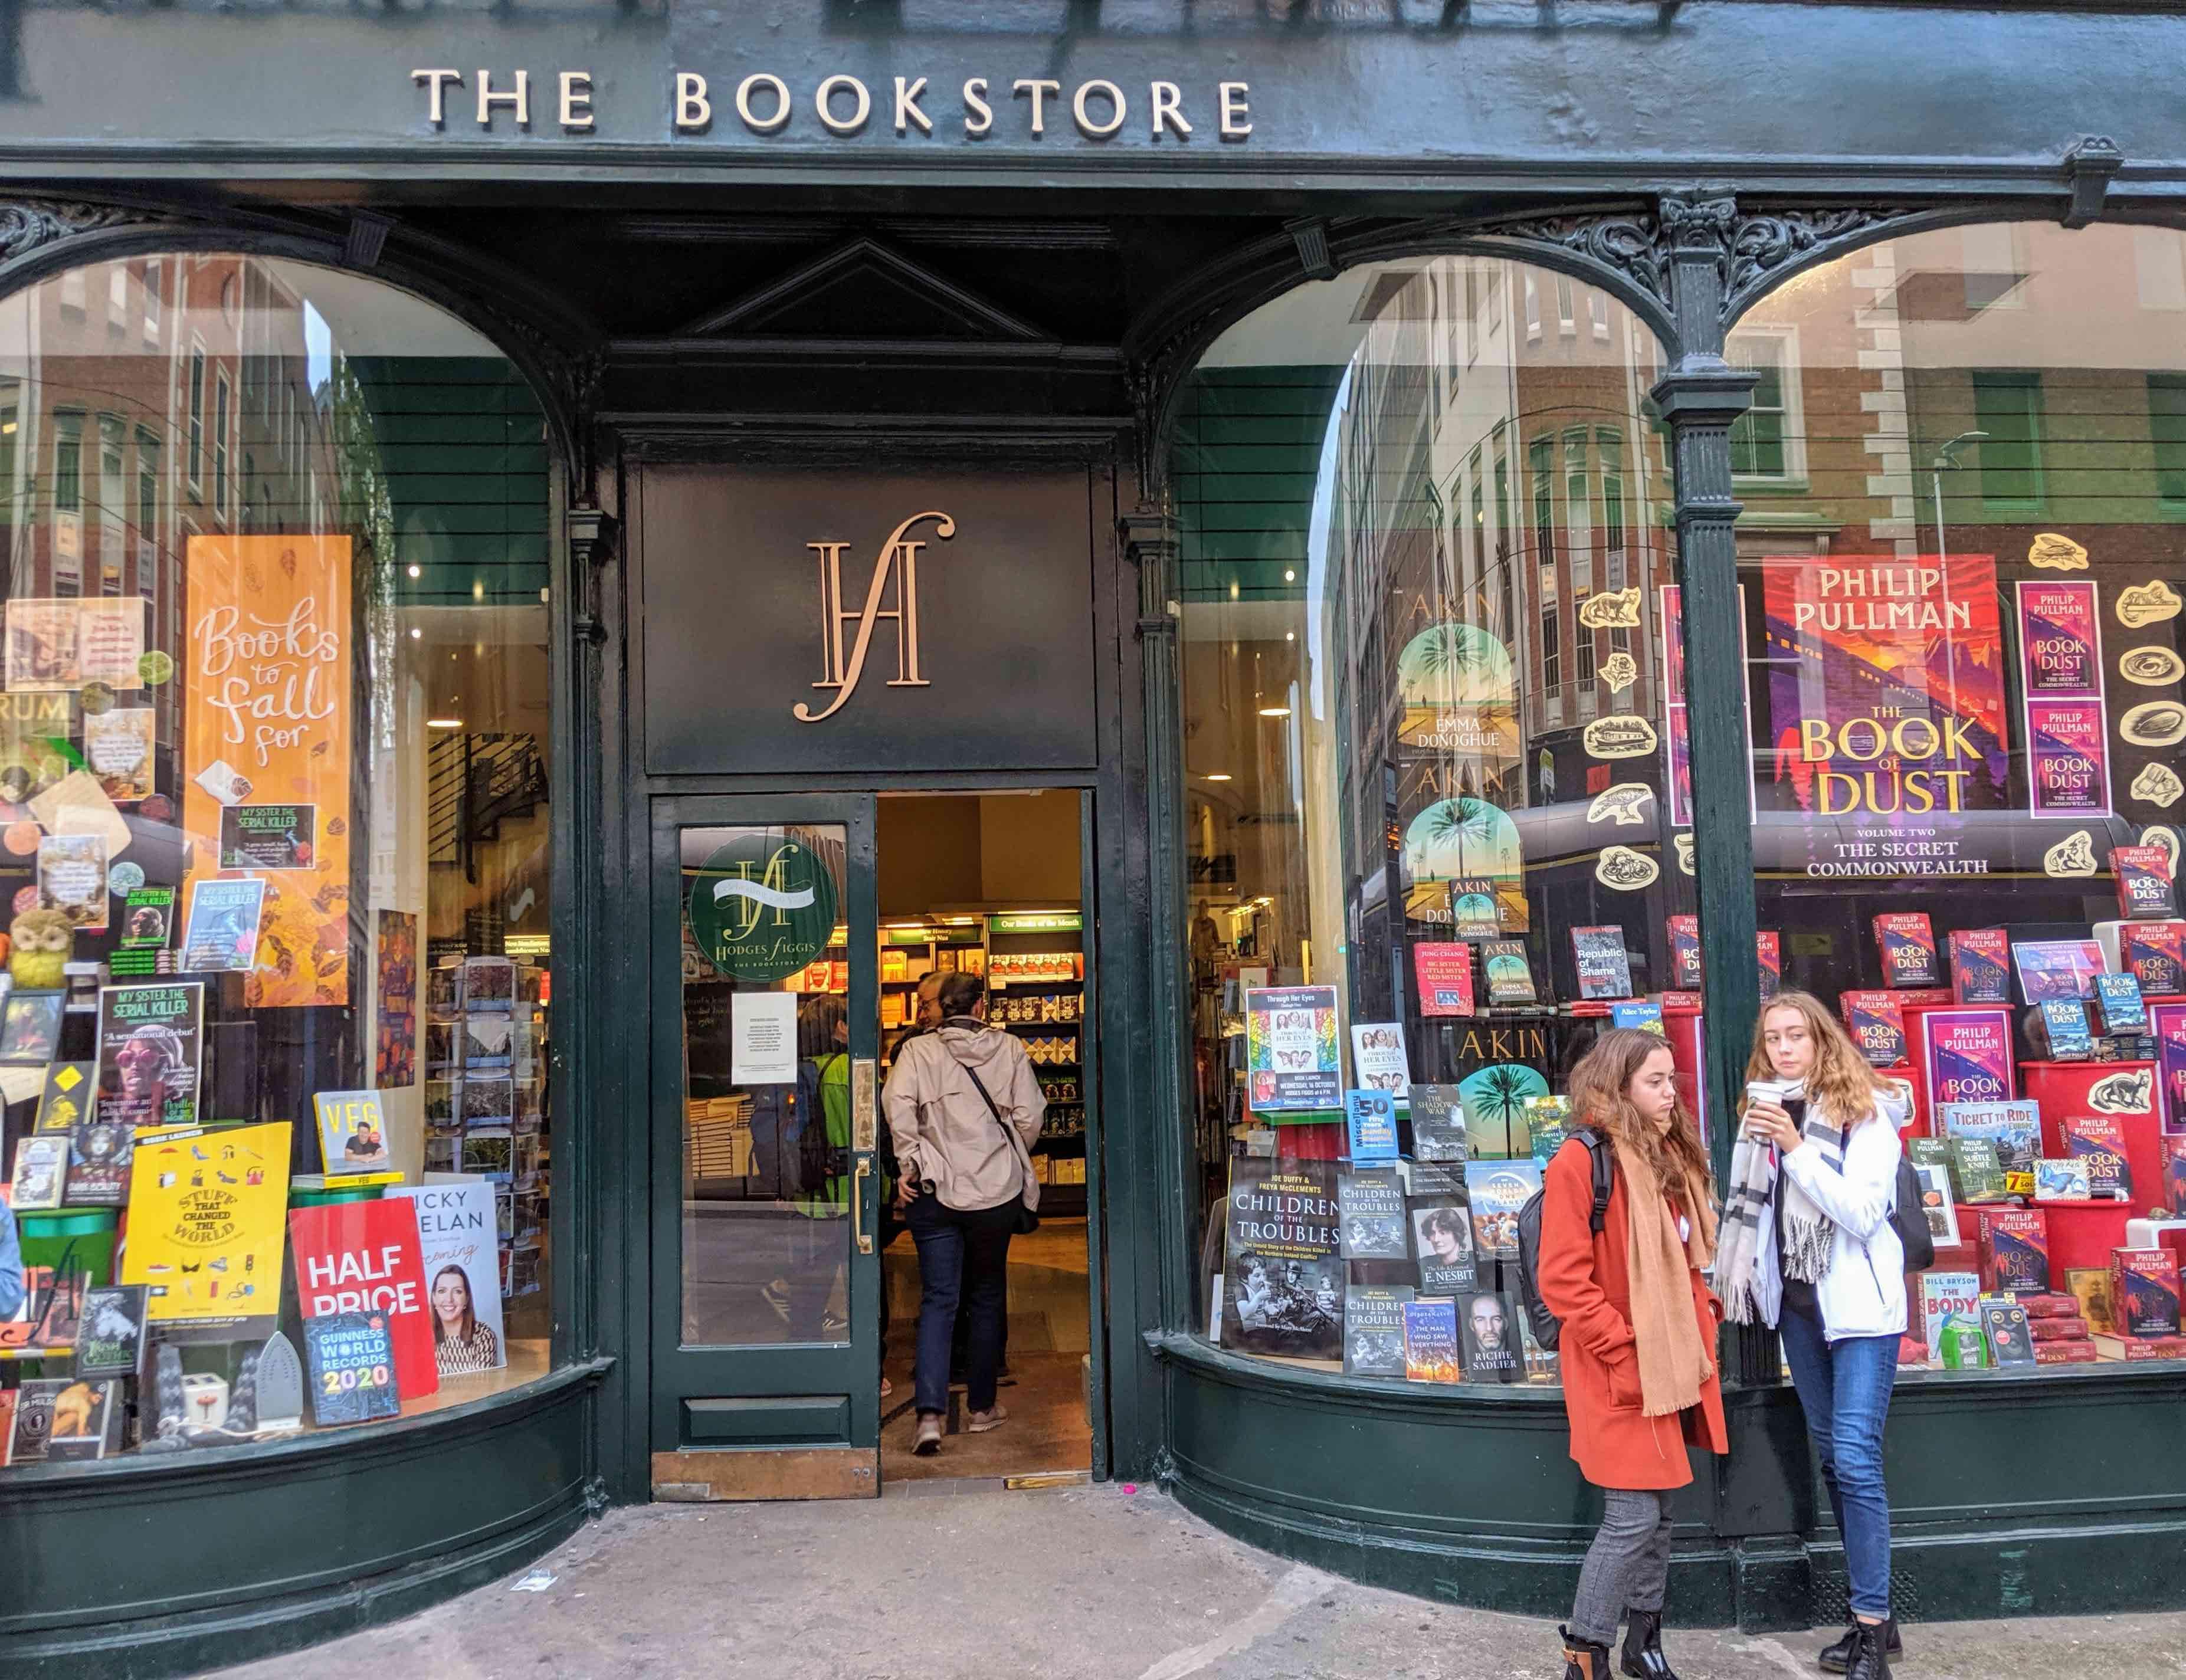 Dublin's best bookstore